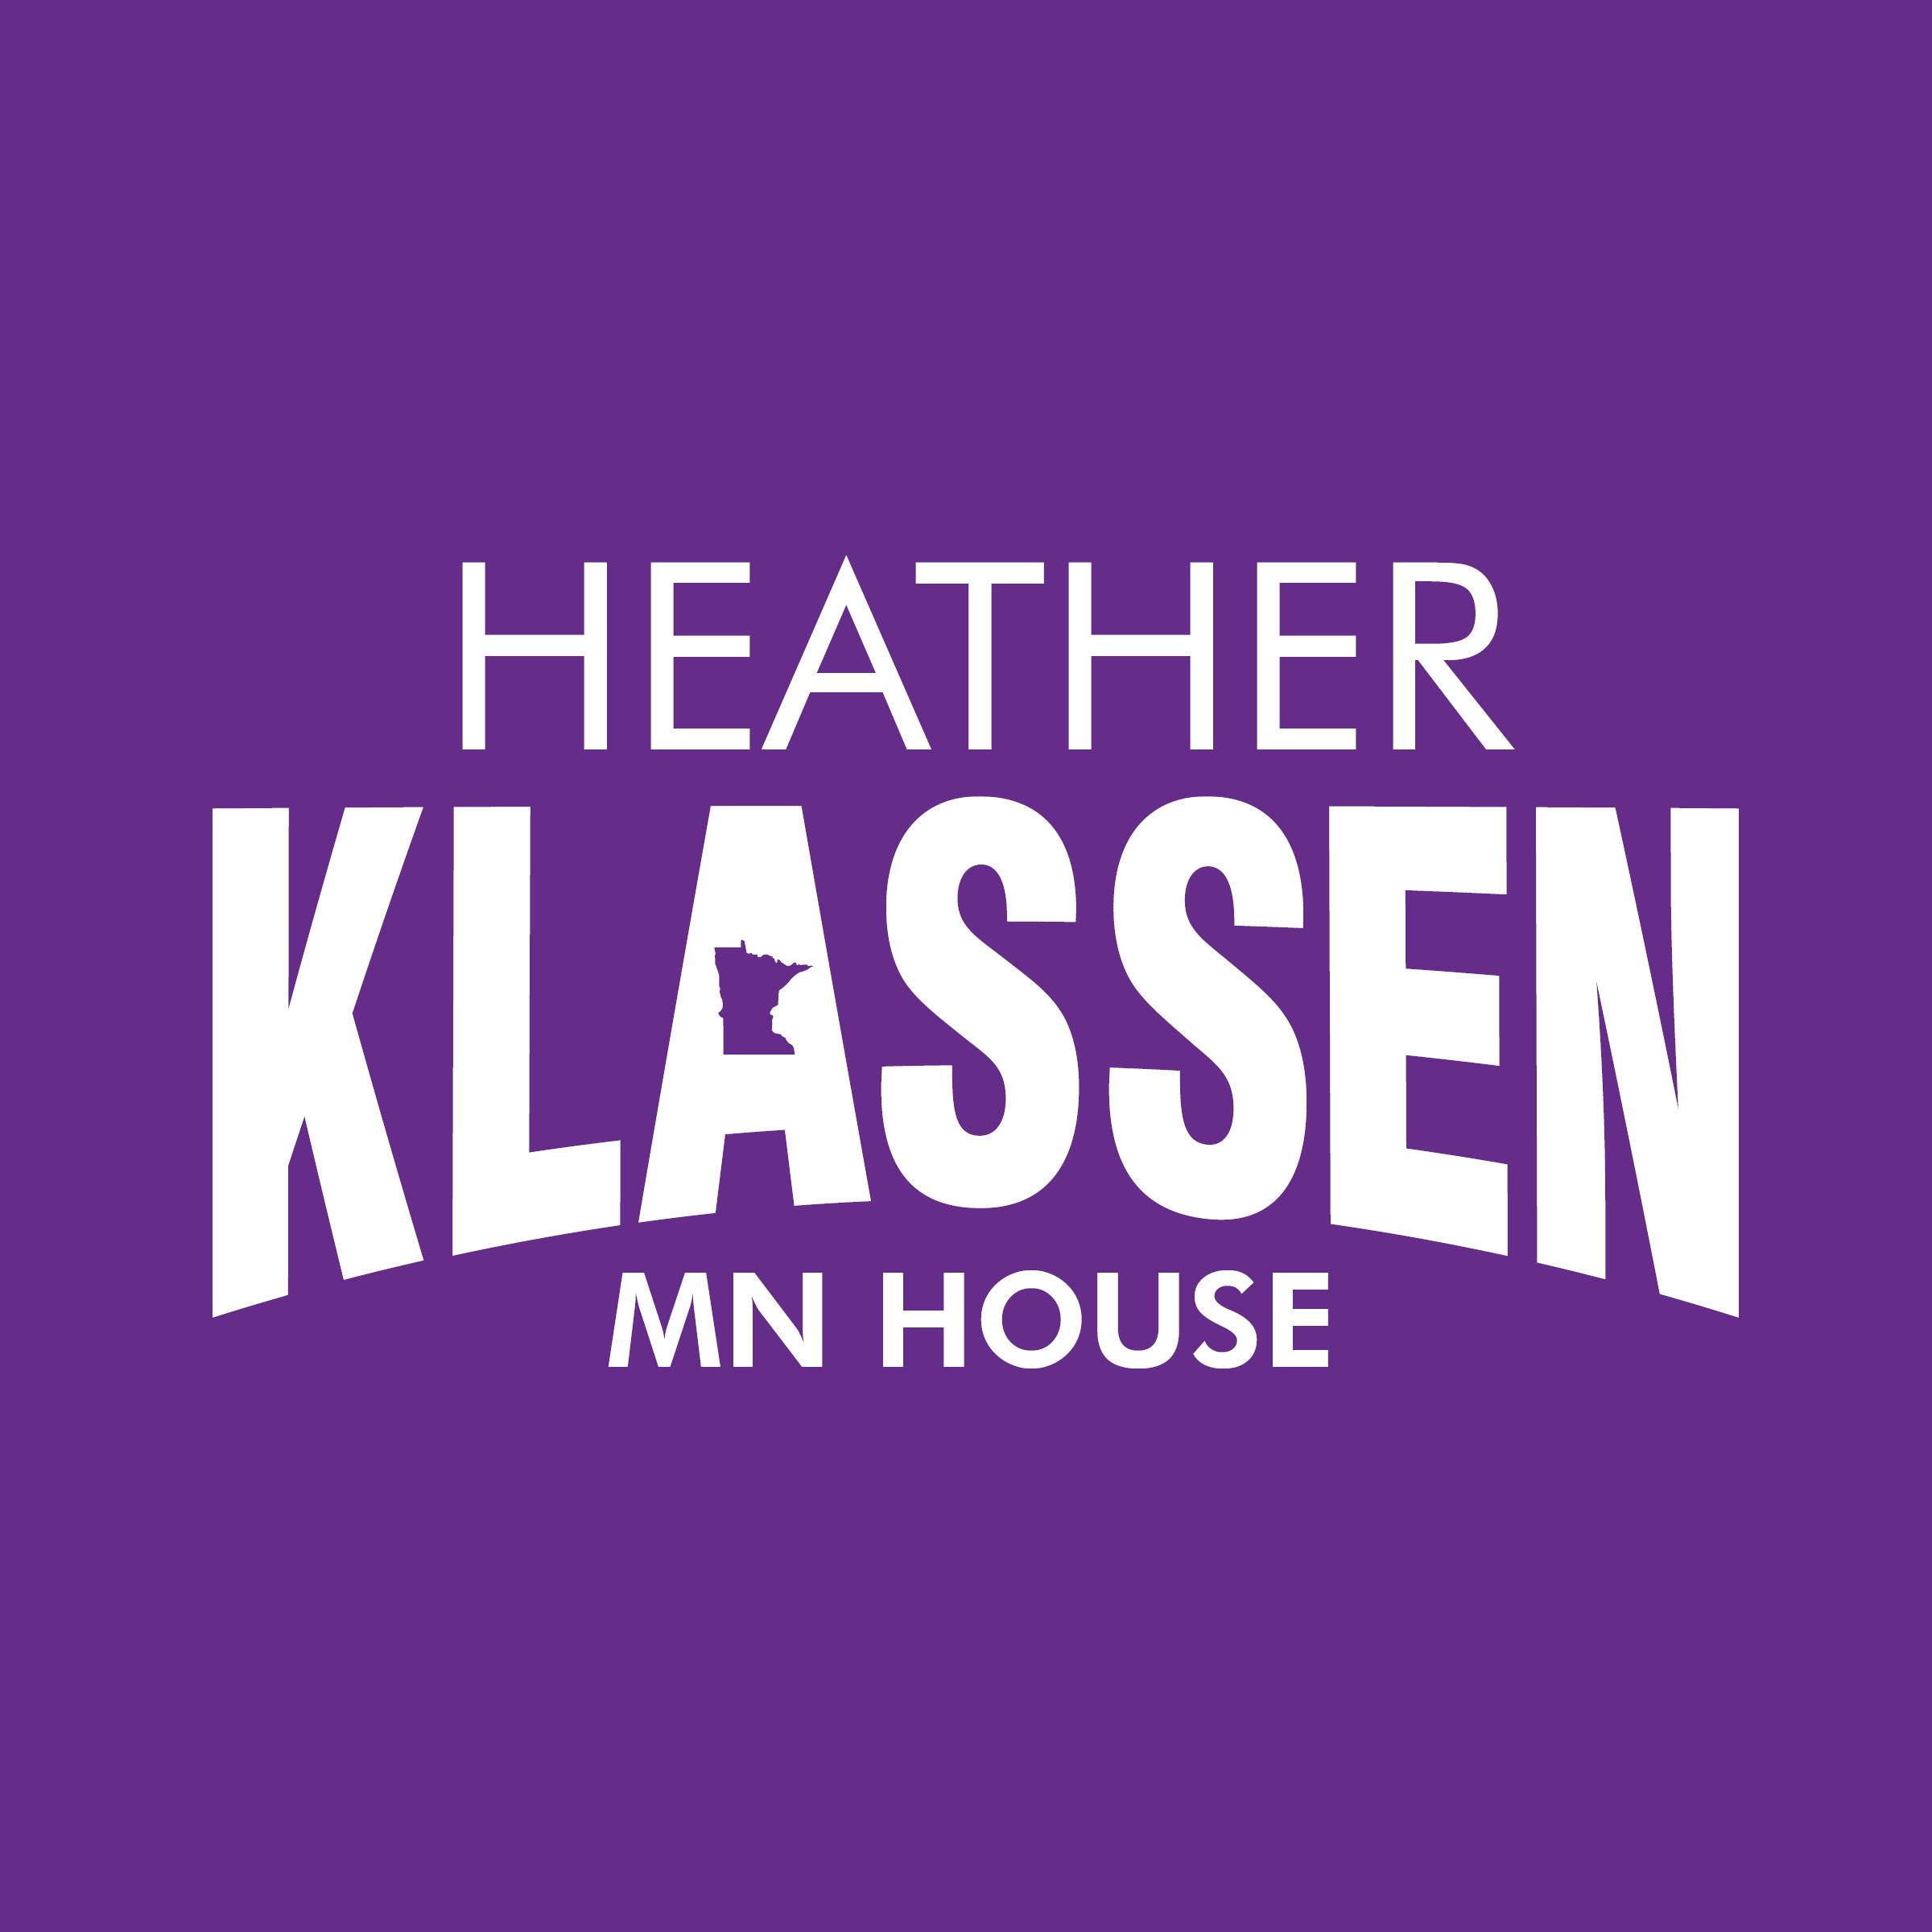 Heather Klassen